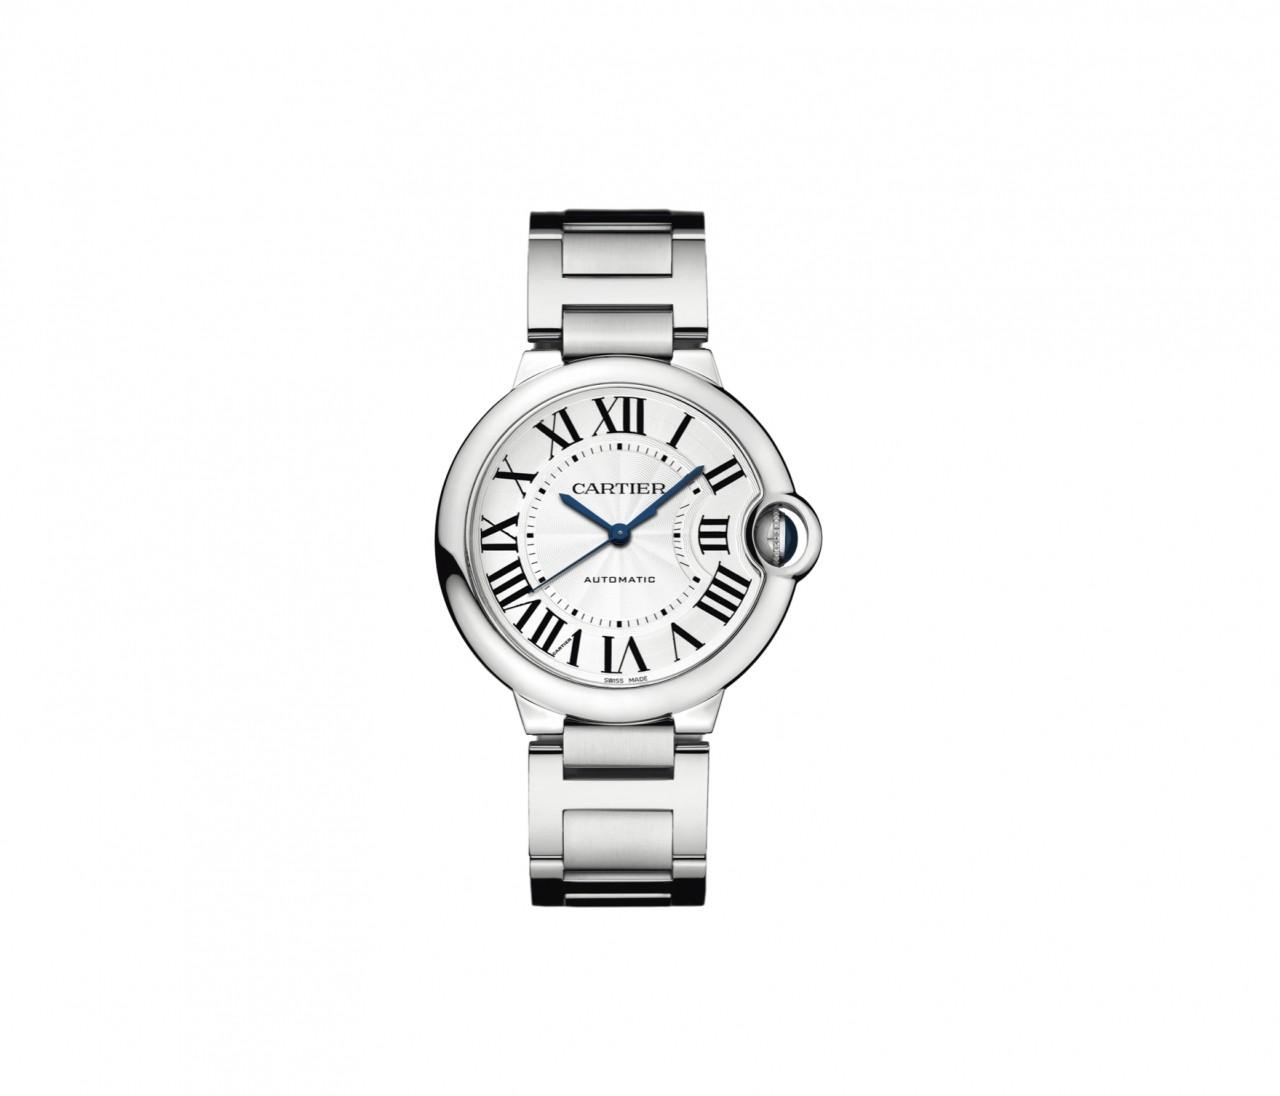 ユニセックスな腕時計【30代からの名品・愛されブランドのタイムレスピース Vol.45】